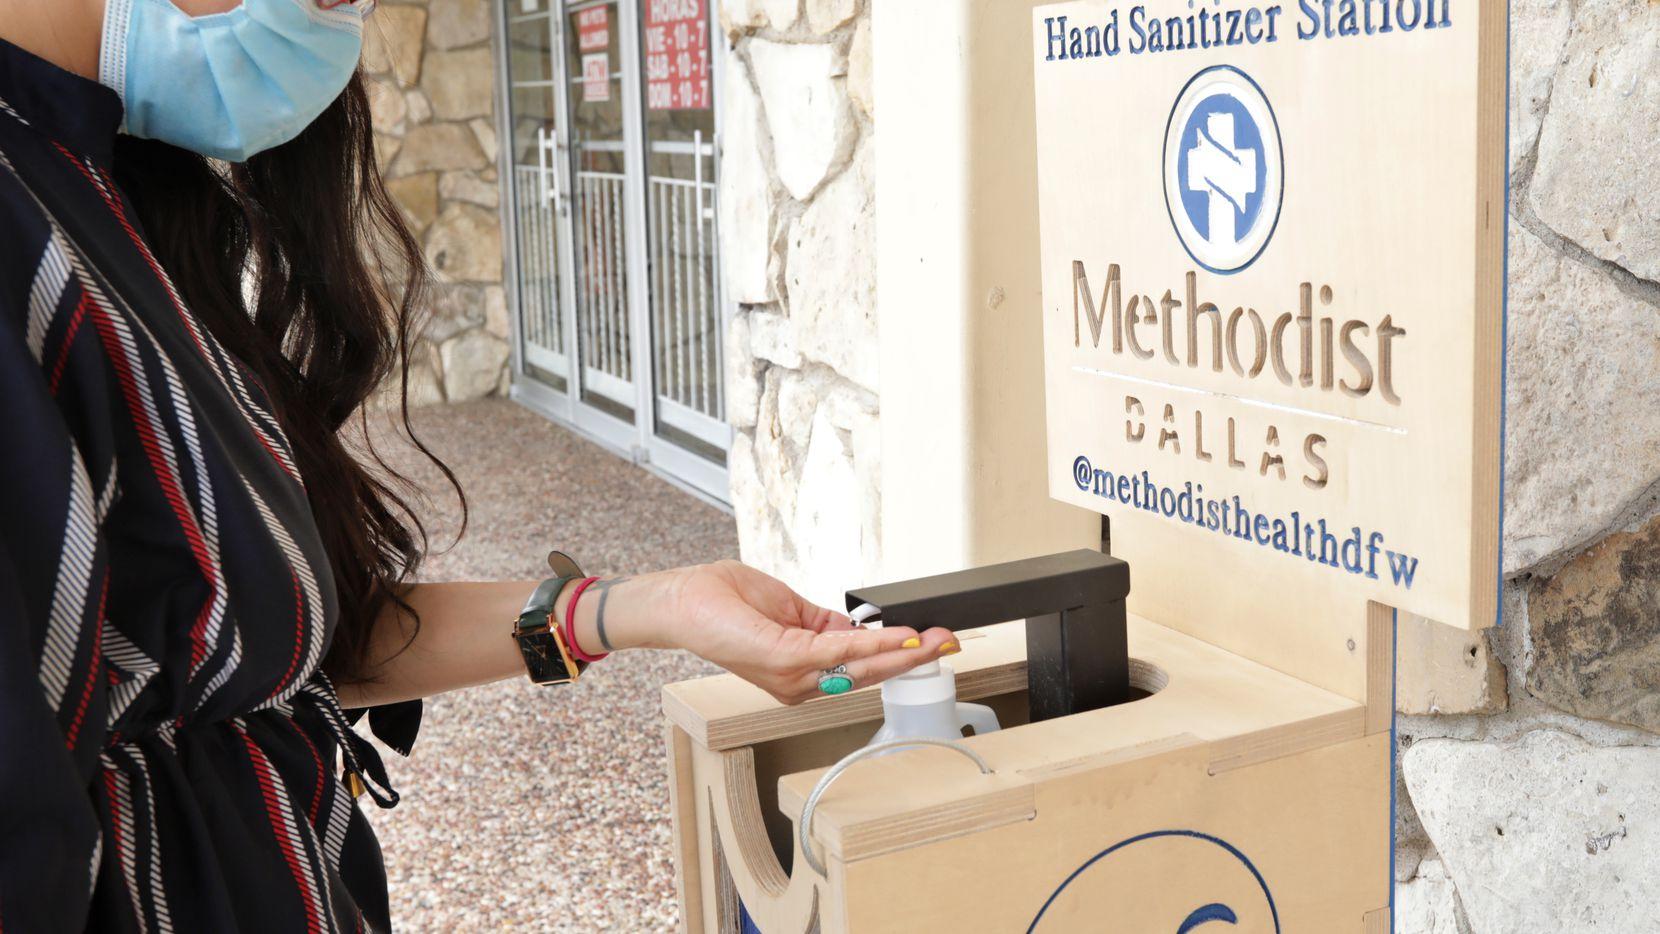 Leslie Cannon prueba una de las estaciones con gel antibacterial instaladas a lo largo del código postal 75211 el más afectado por el coronavirus.